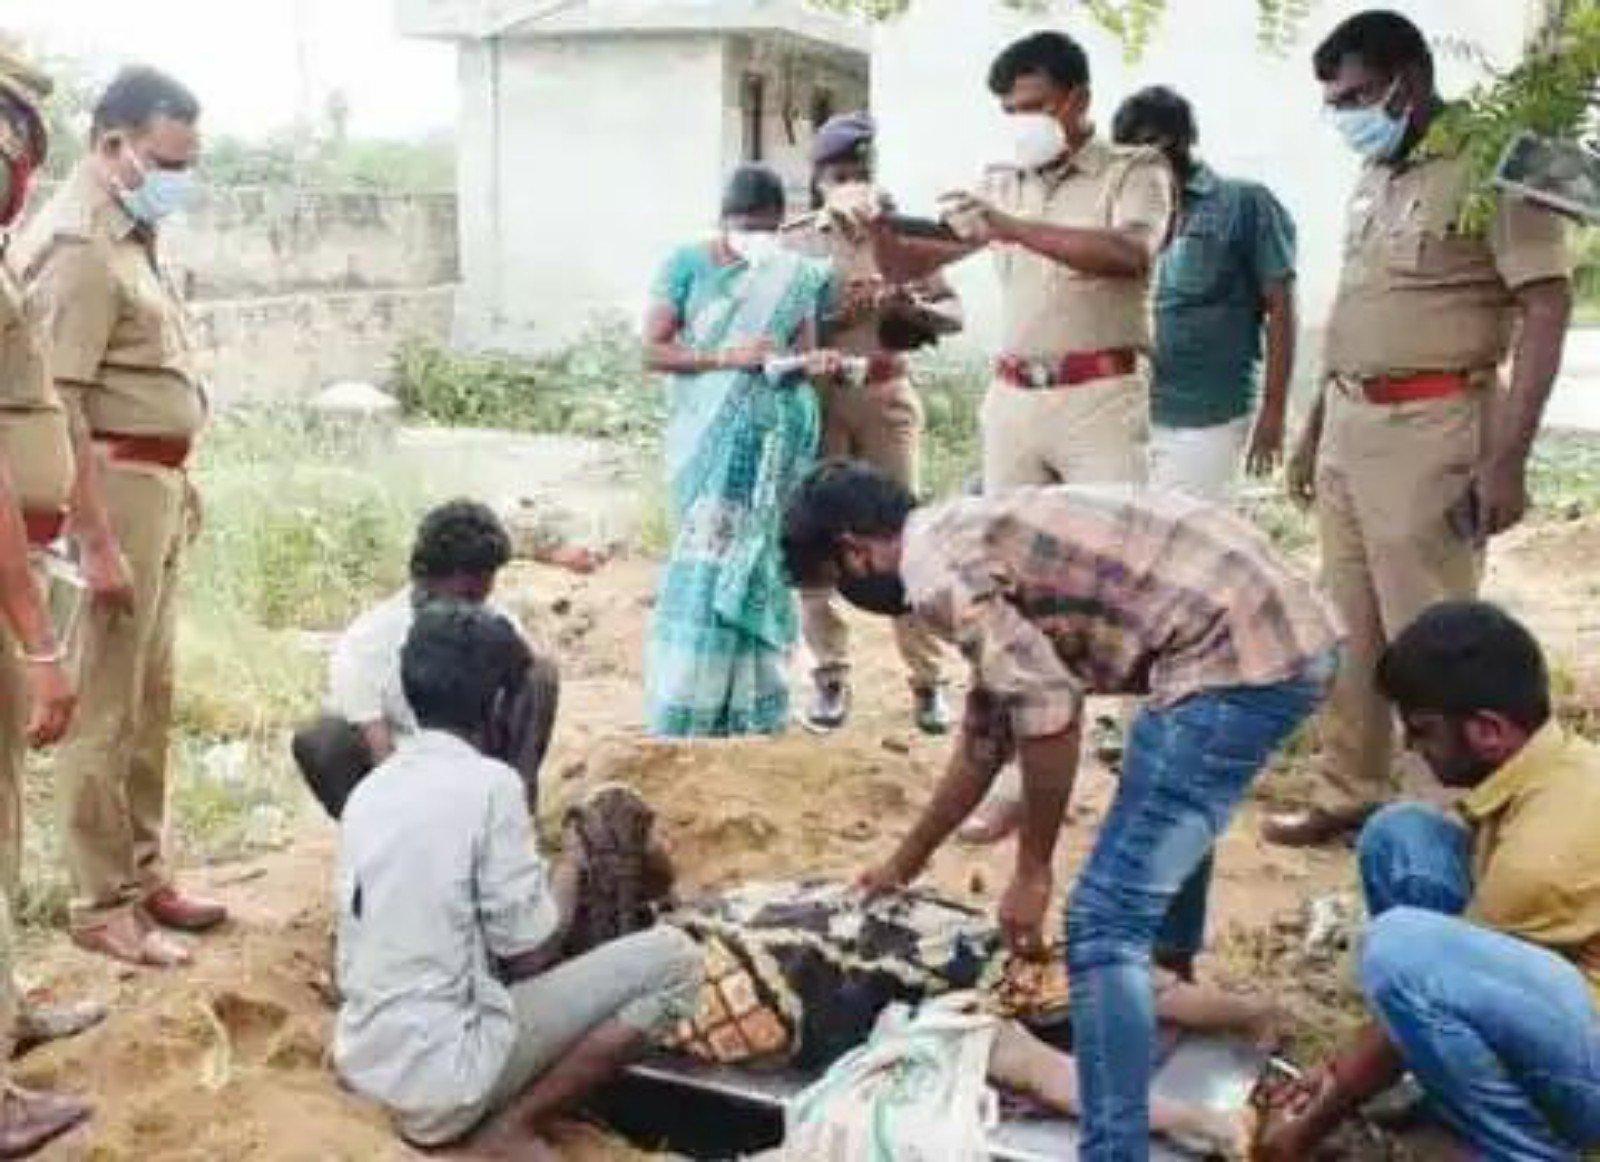 2000 ரூபாய் பணத்துக்காக தாயே அடித்துக்கொன்ற மகன்கள்?